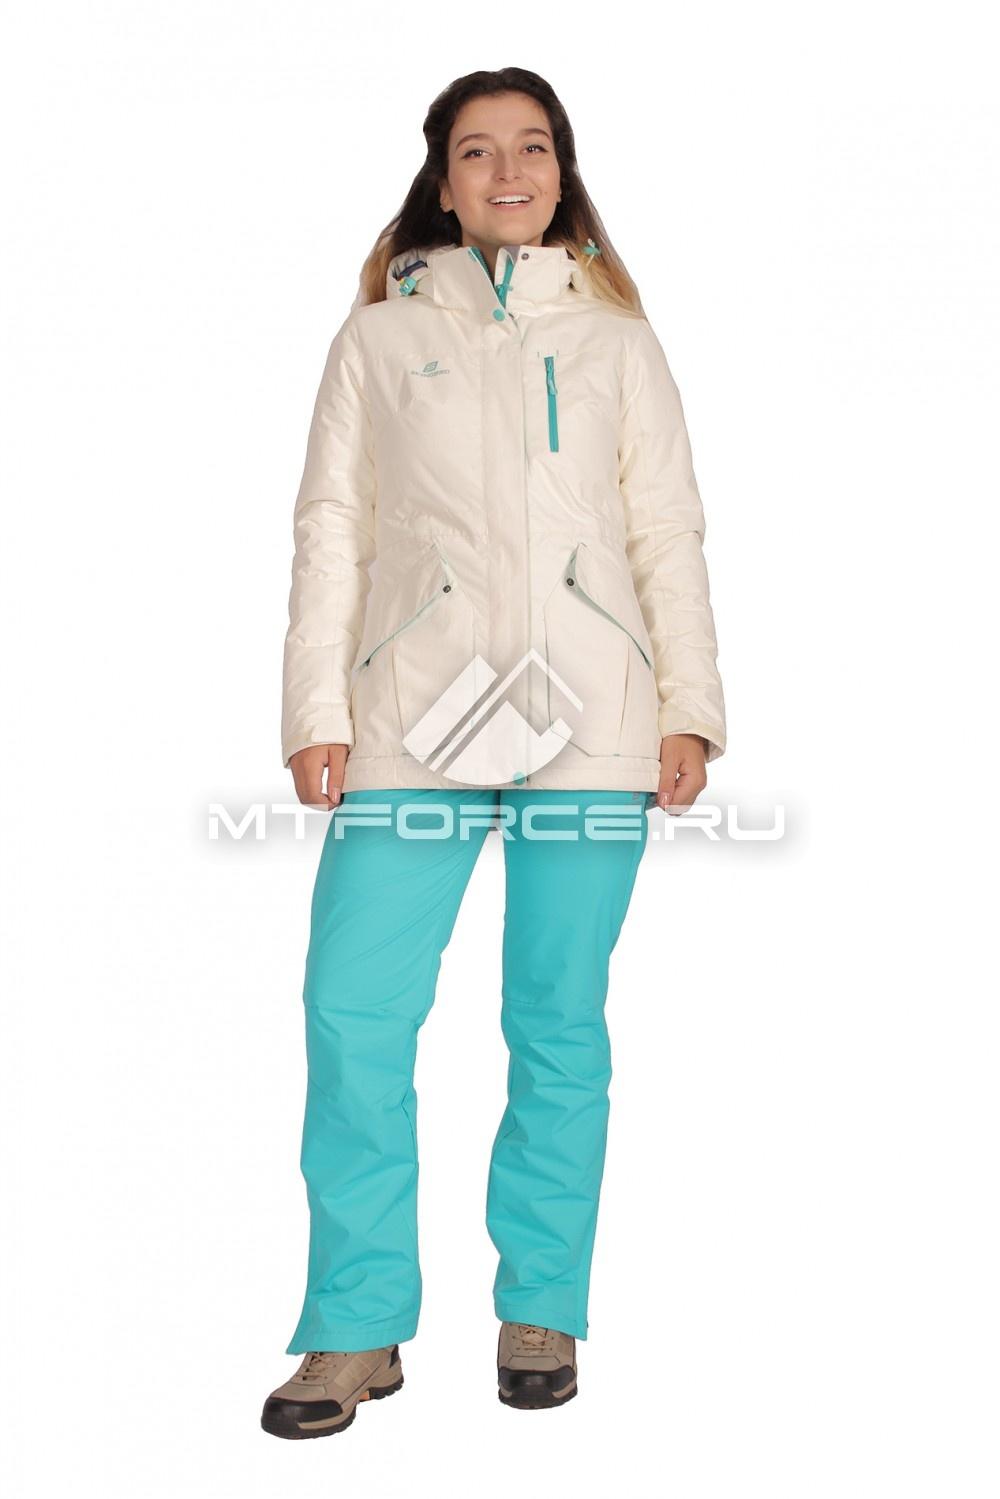 Купить                                  оптом Костюм демисезонный женский белого цвета 01702Bl